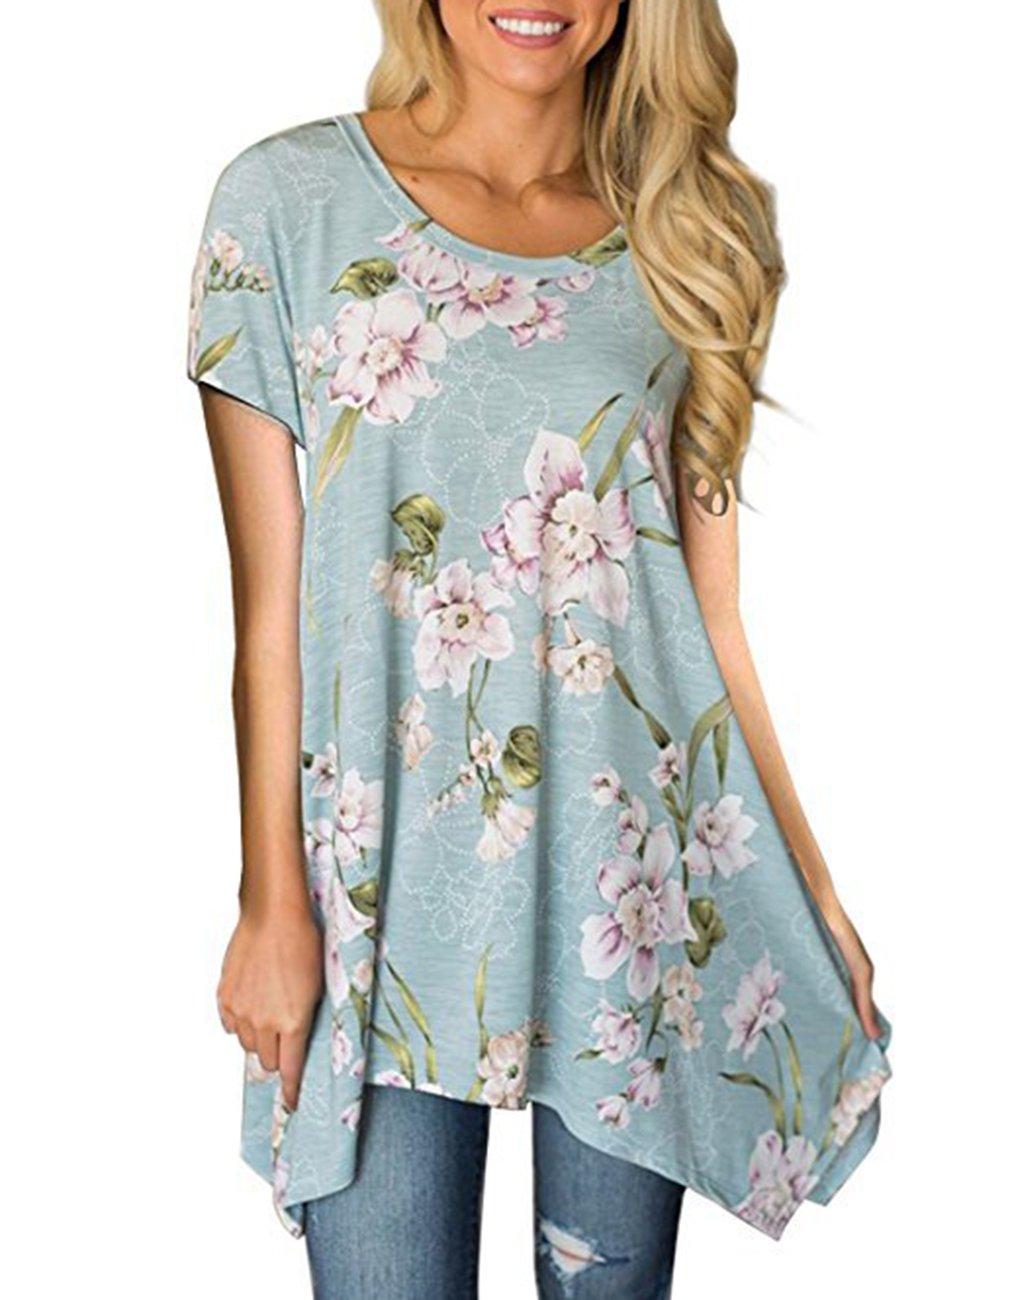 Omerker Women's Floral Irregular Hem Tunic Tops Summer Short Sleeve Blouse T Shirts (Large, Light Blue)